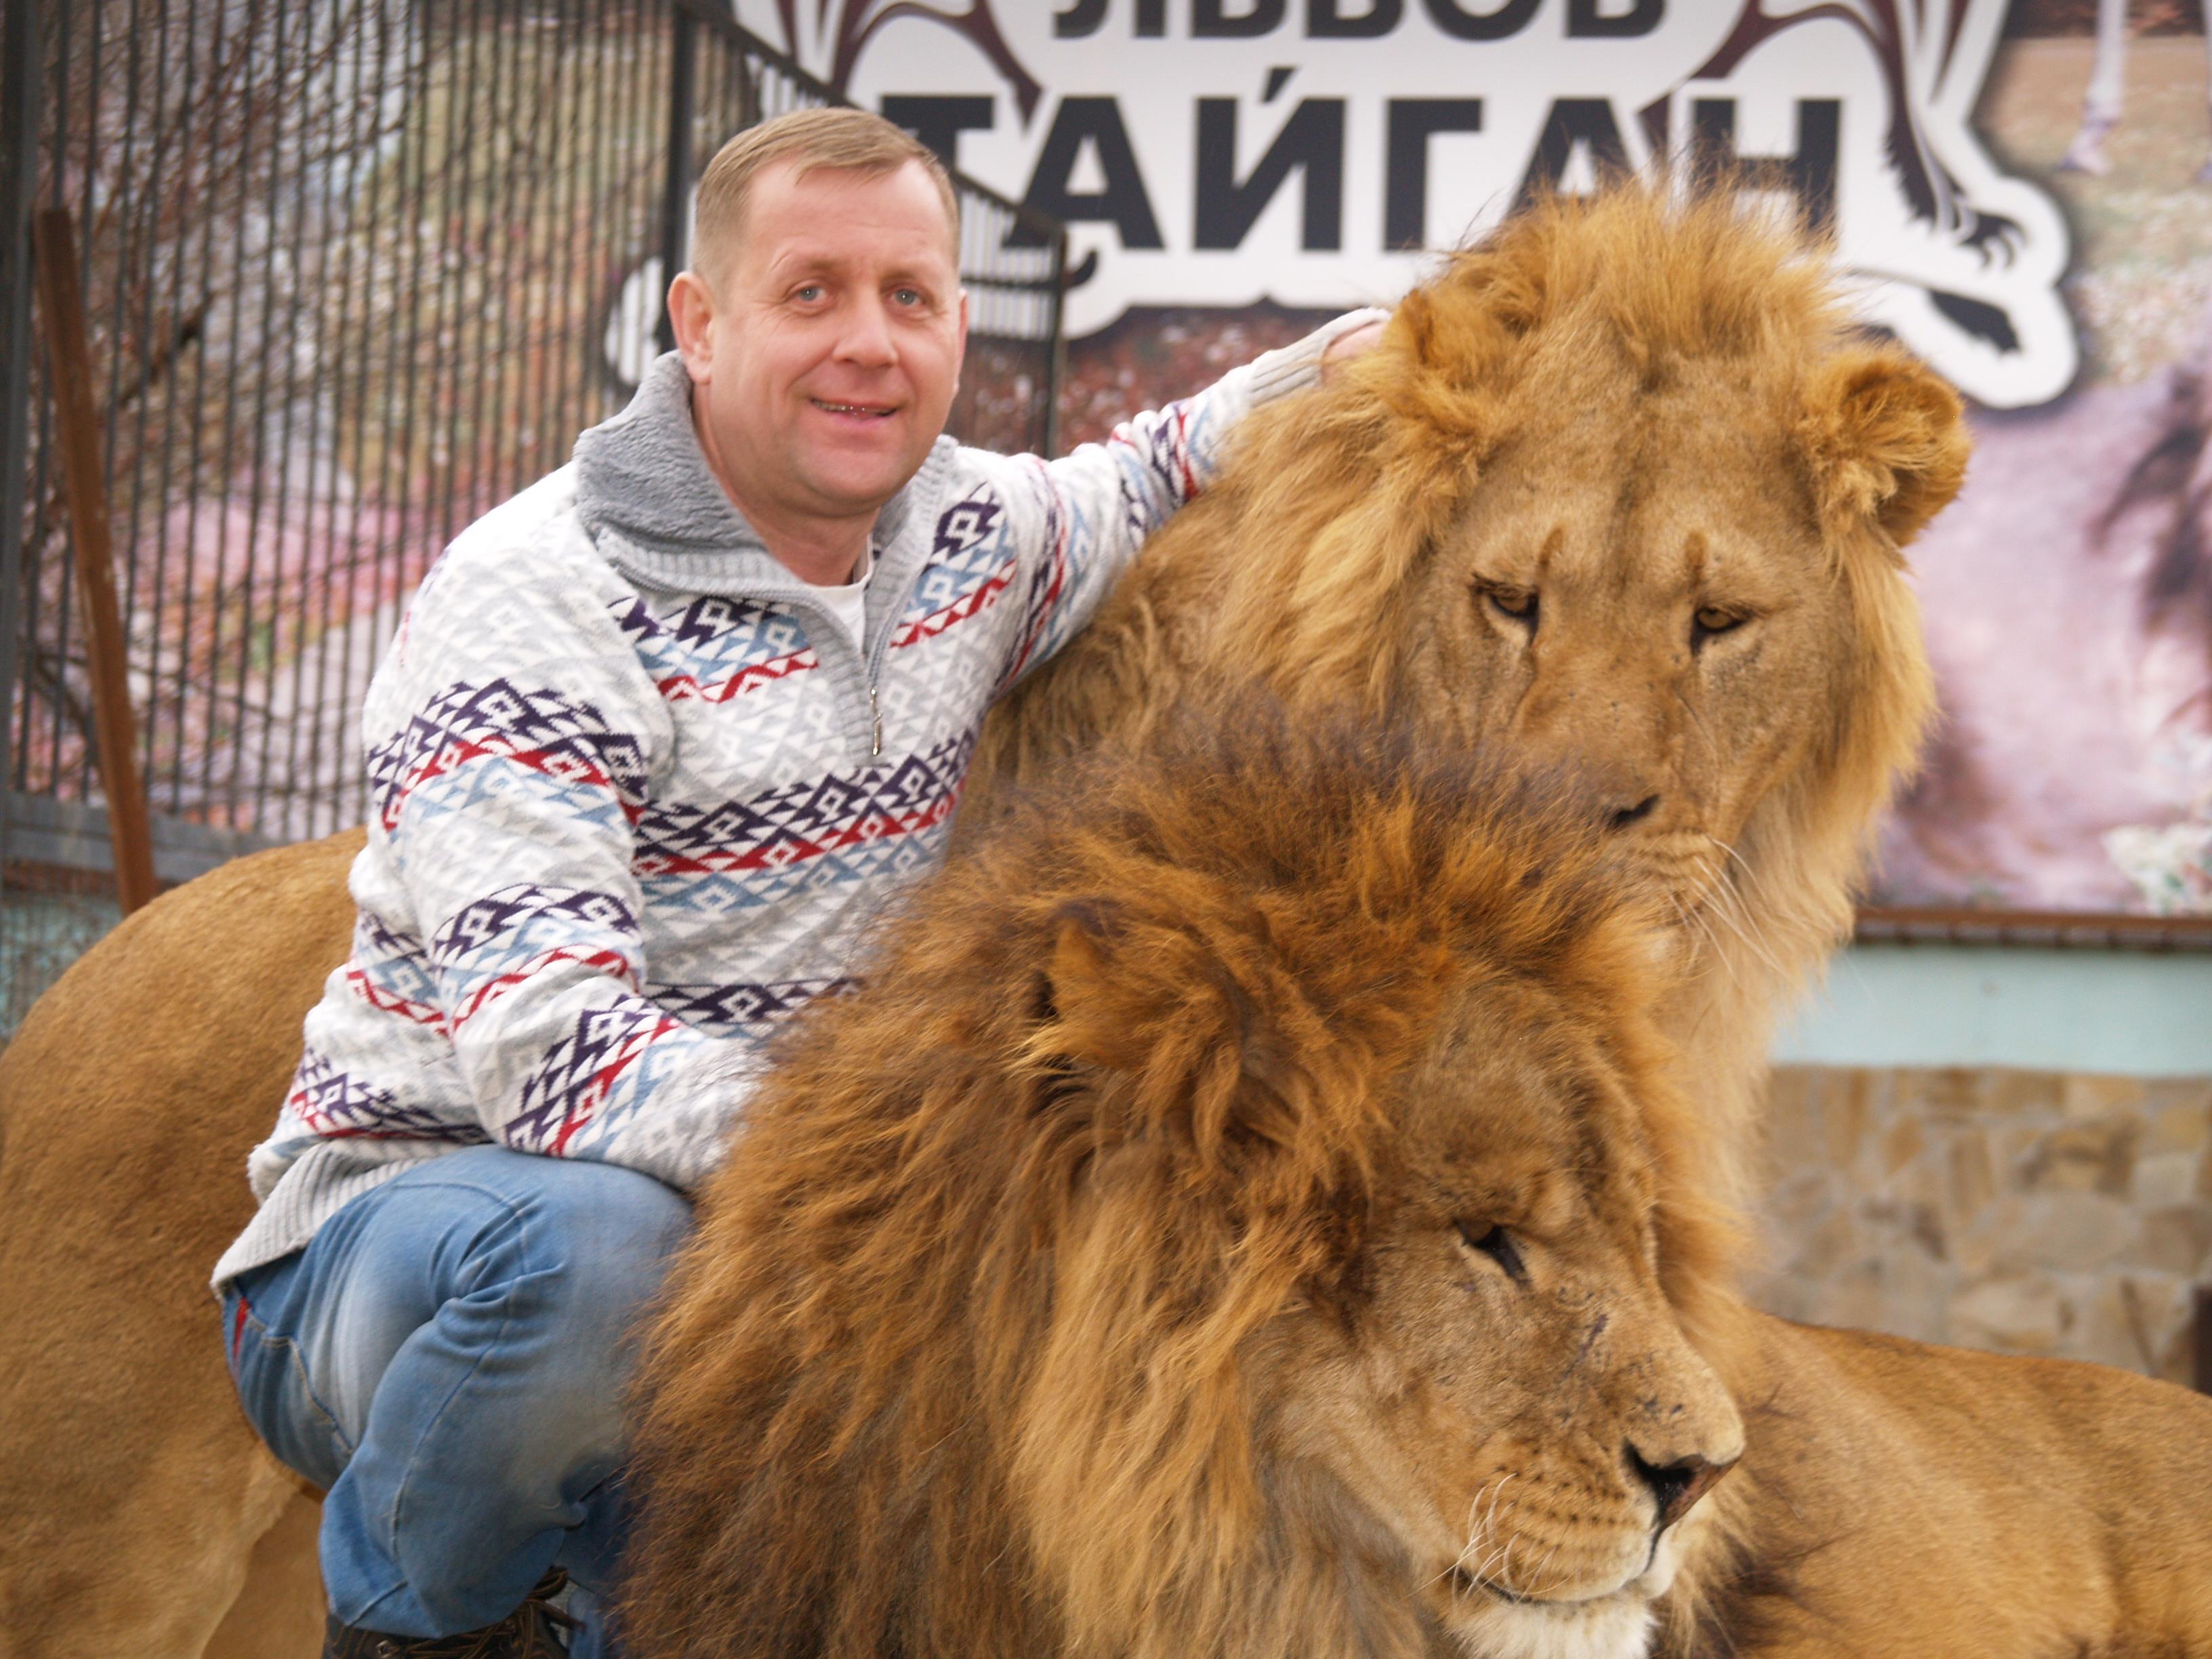 Зубков заплатит штраф за умершего тигренка